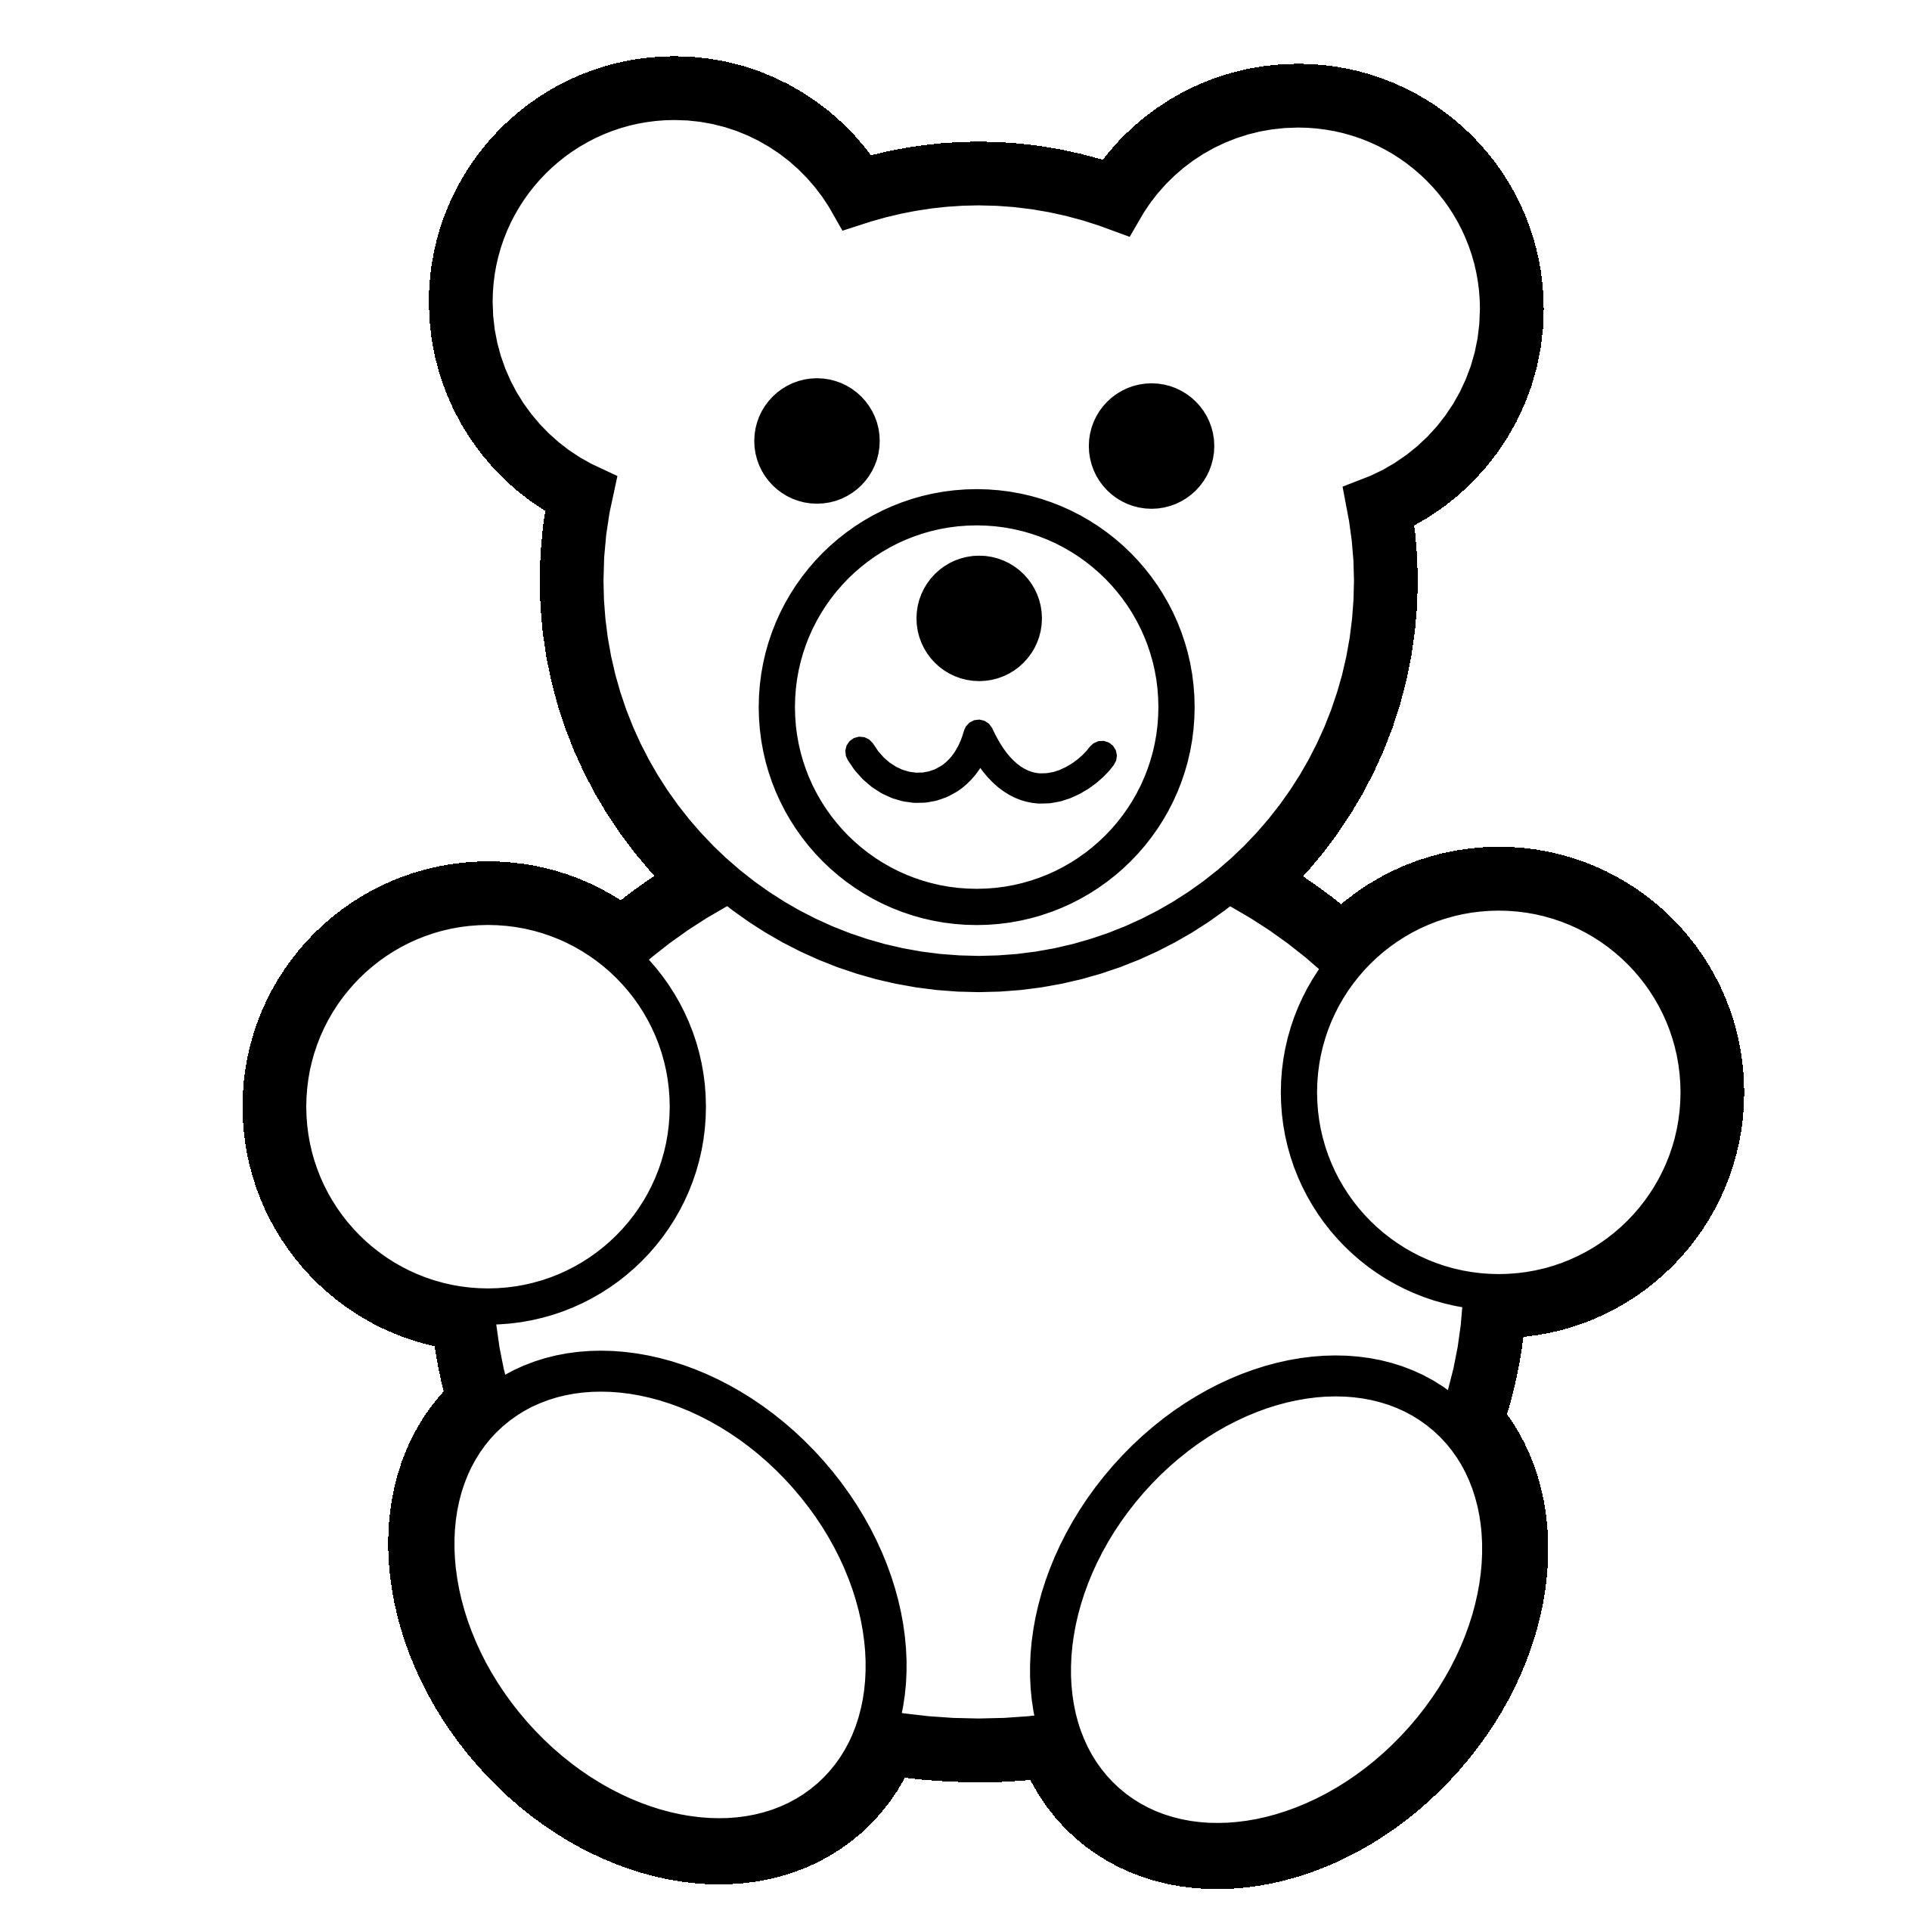 Teddy Bear Clipart Black And White-teddy bear clipart black and white-8